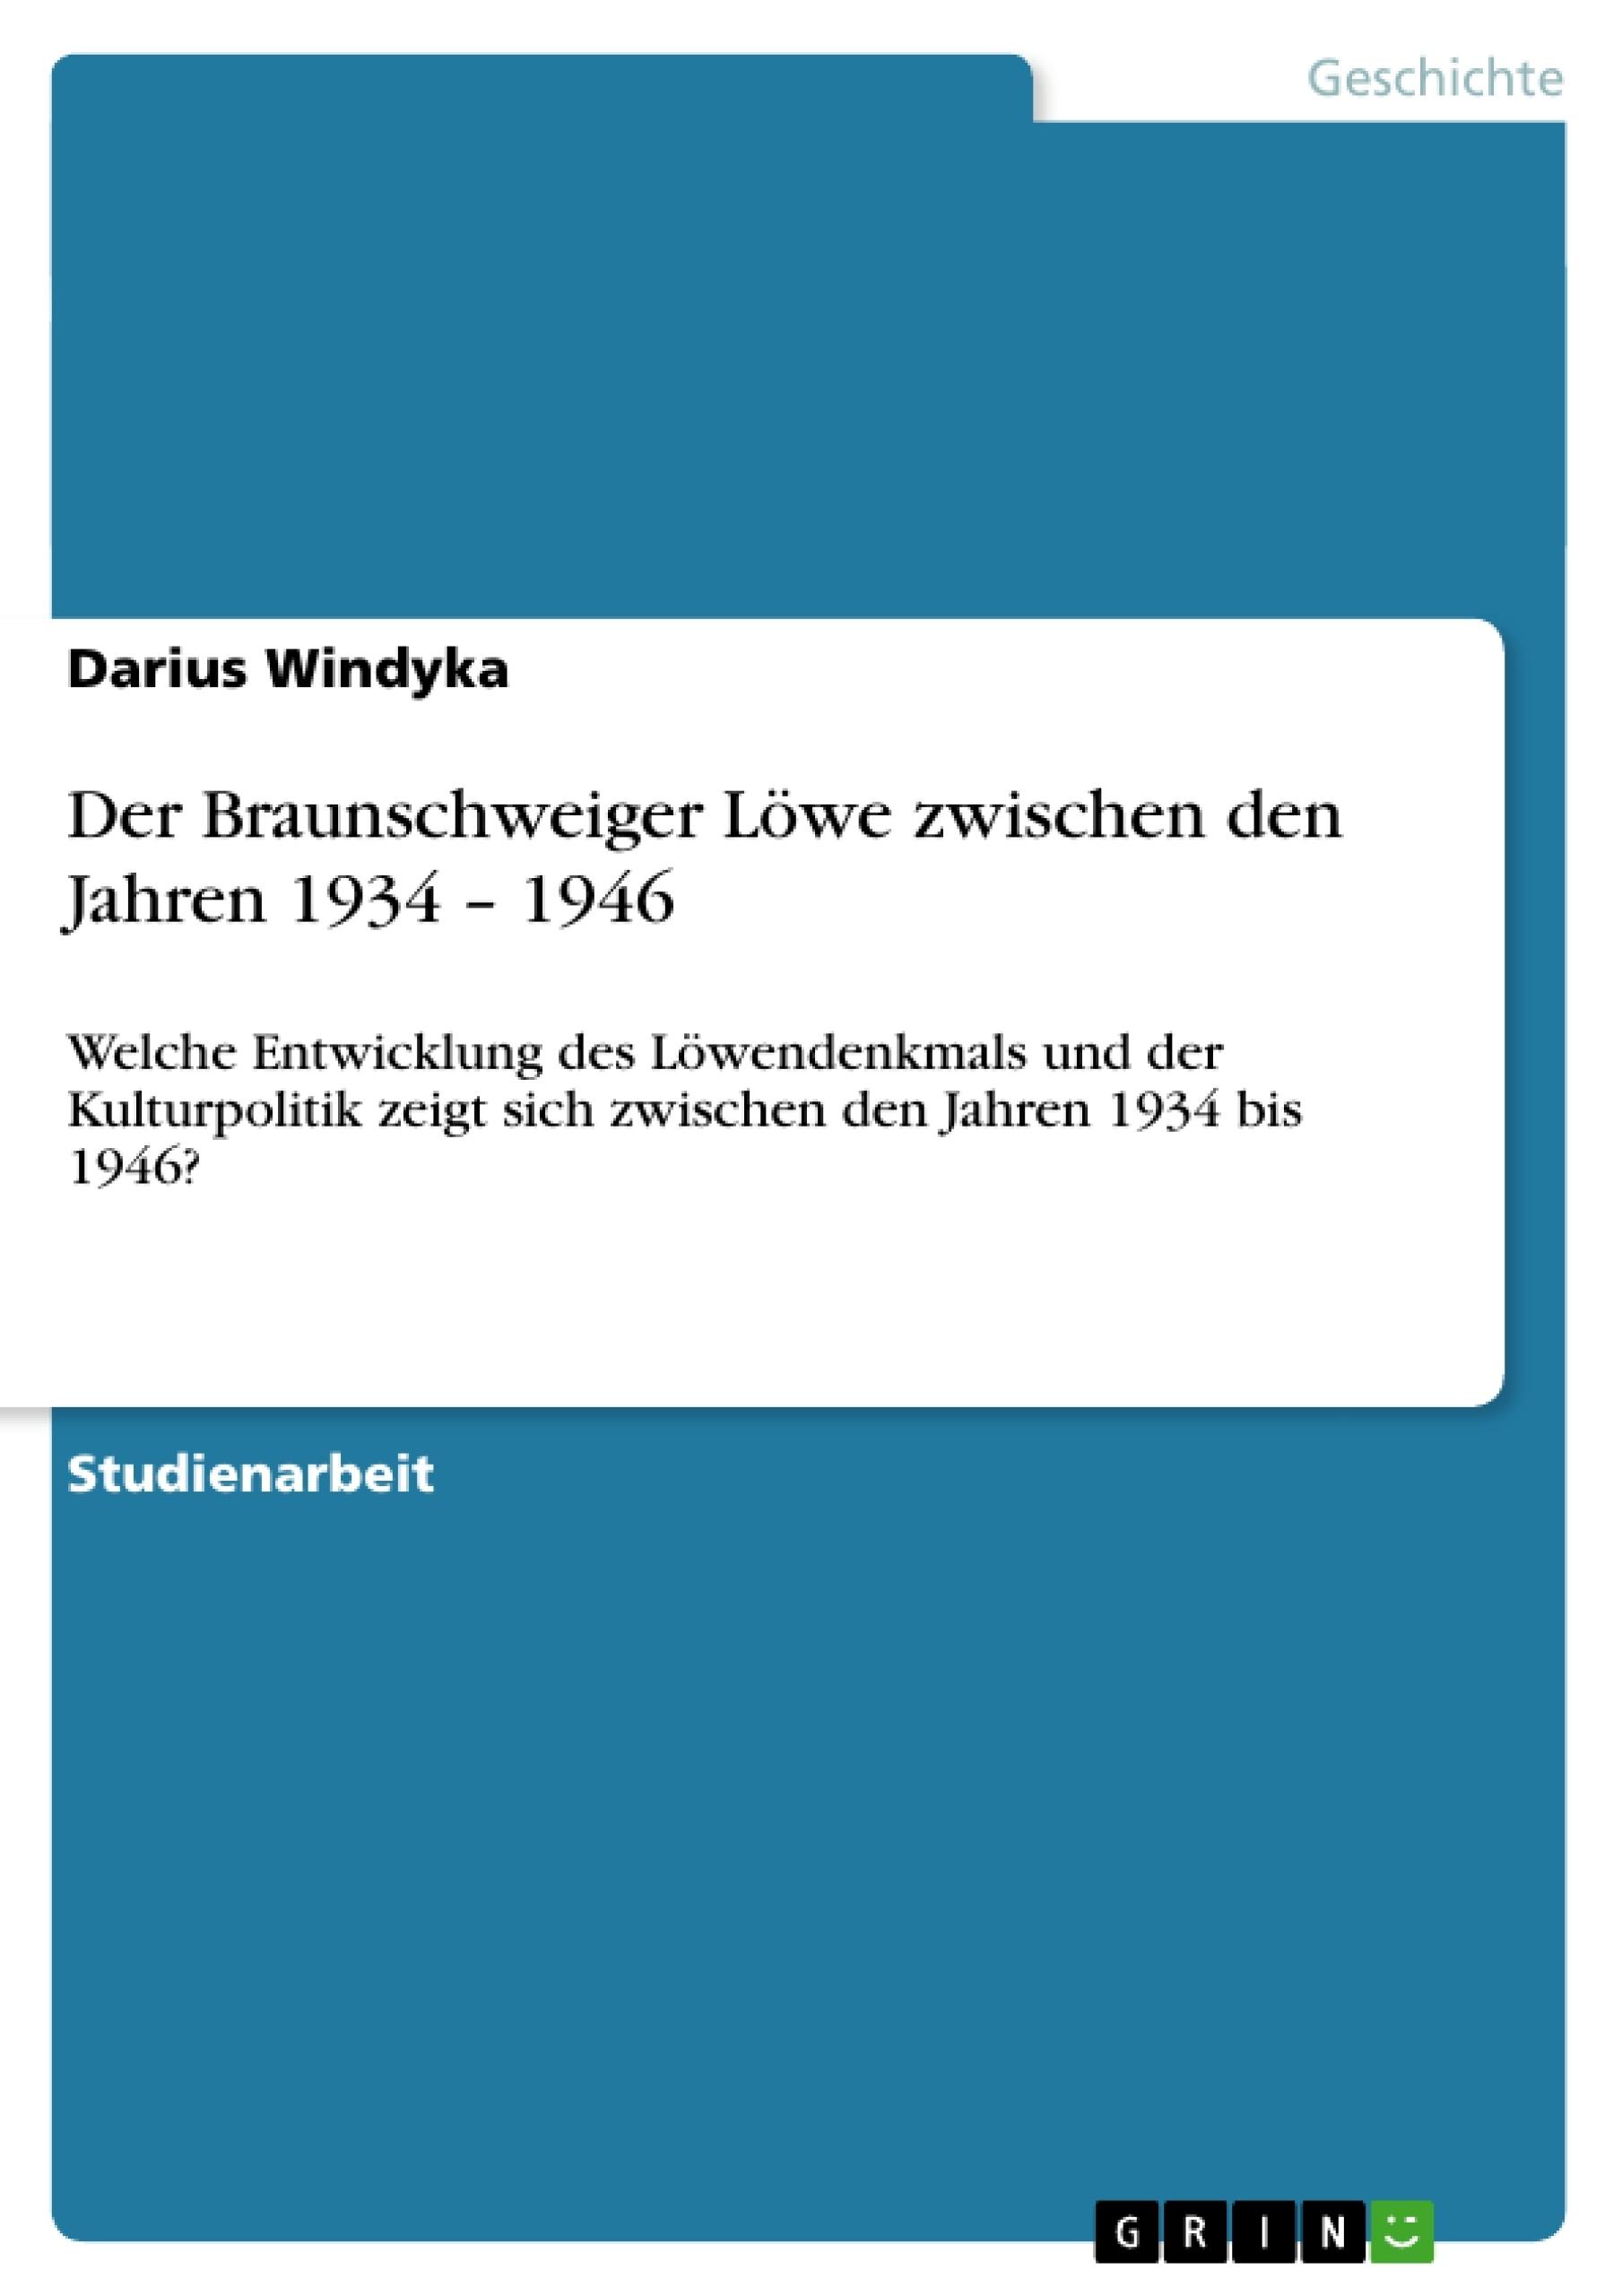 Titel: Der Braunschweiger Löwe zwischen den Jahren 1934 – 1946